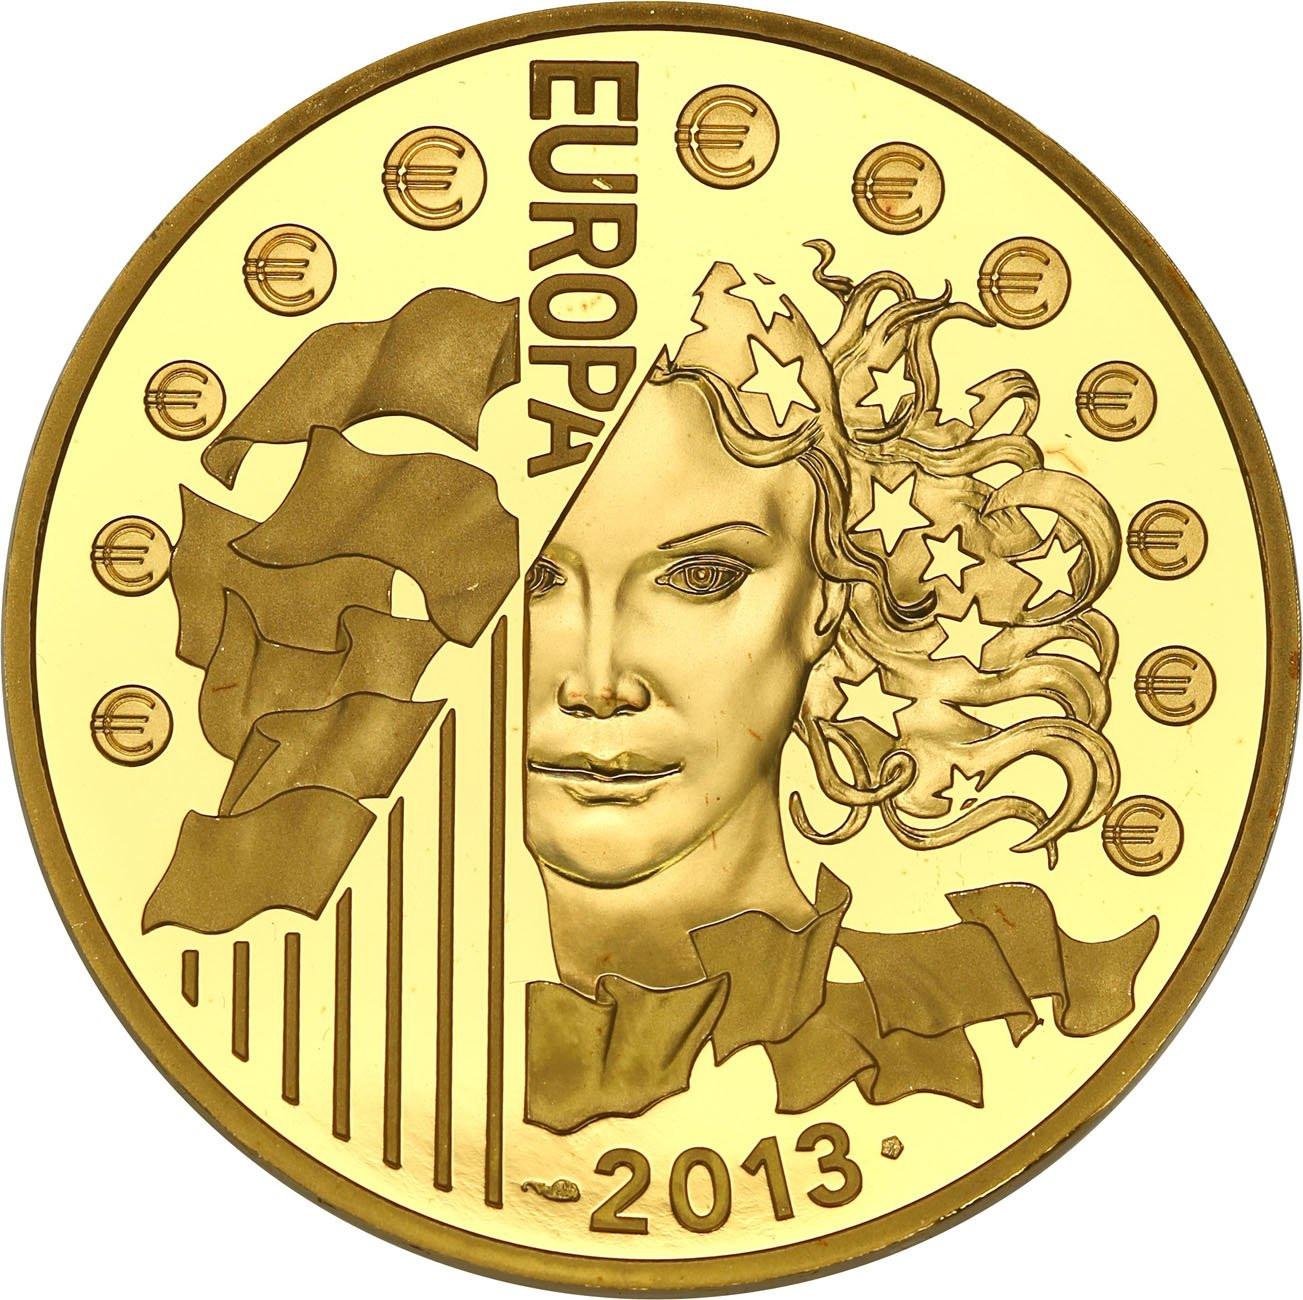 Francja 200 euro 2013 Europa TYLKO 500 szt - 1 Uncja złota